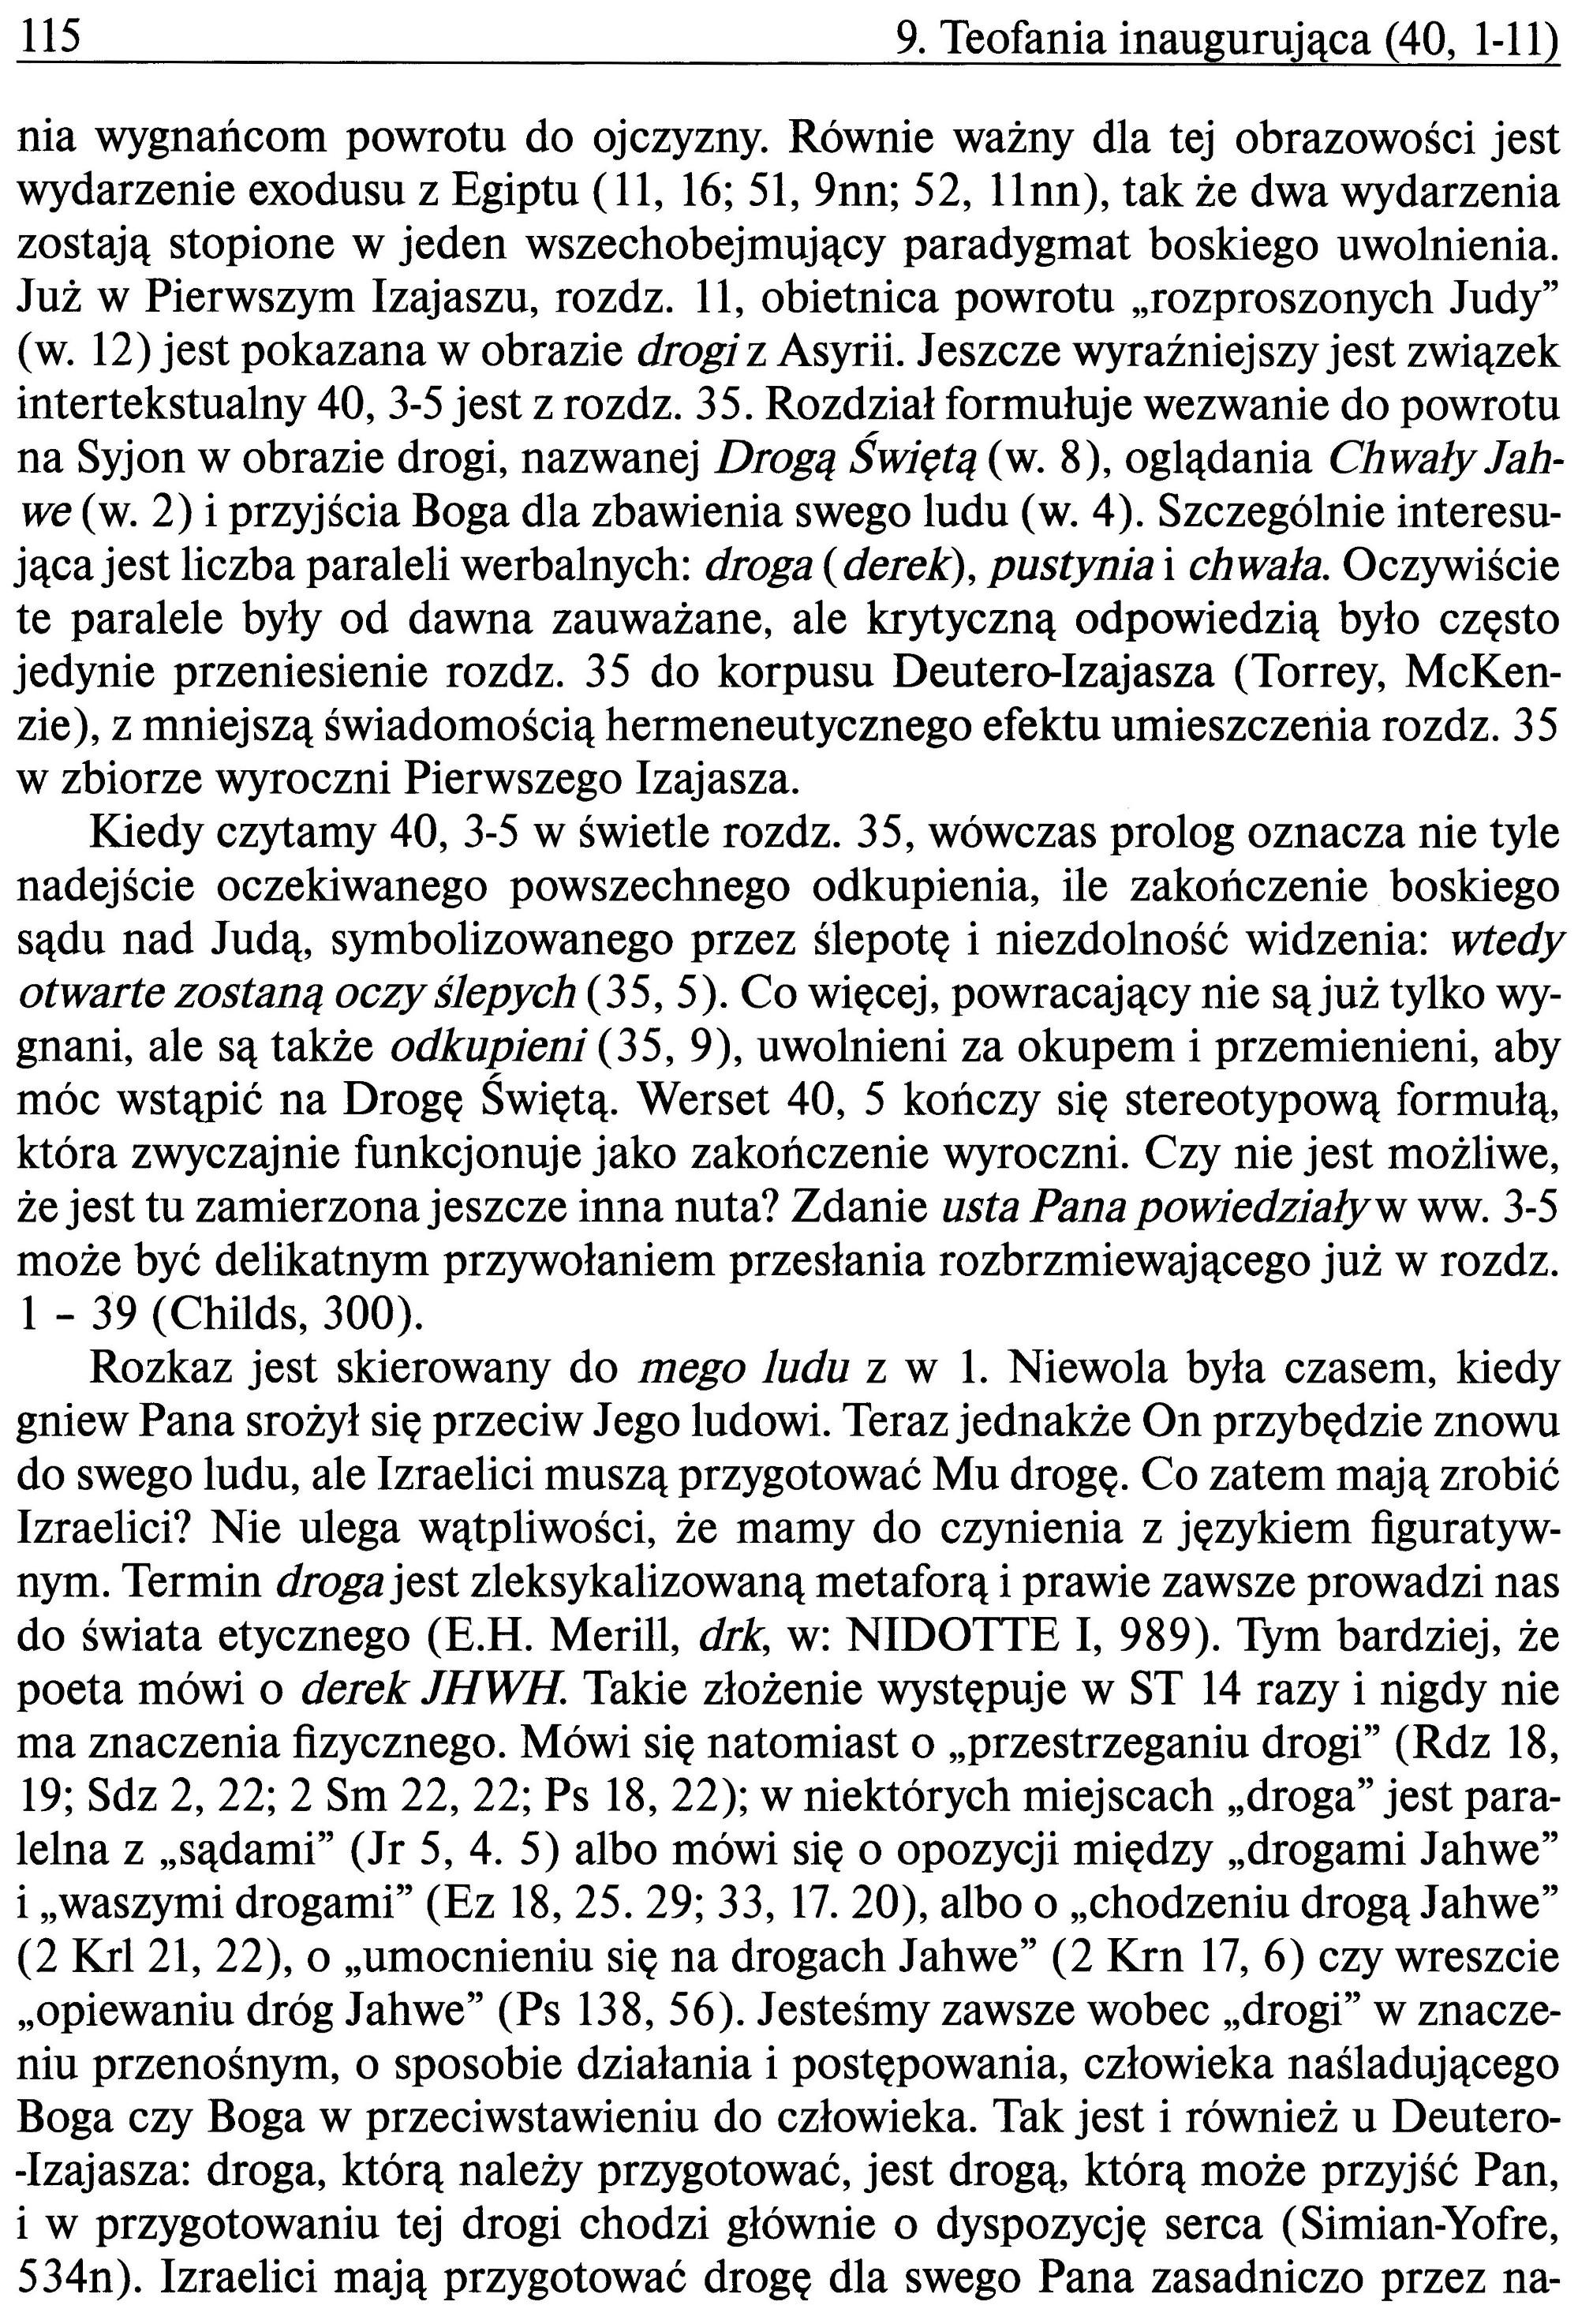 Księga Izajasza rozdziały 40-46 ed. św. Pawła